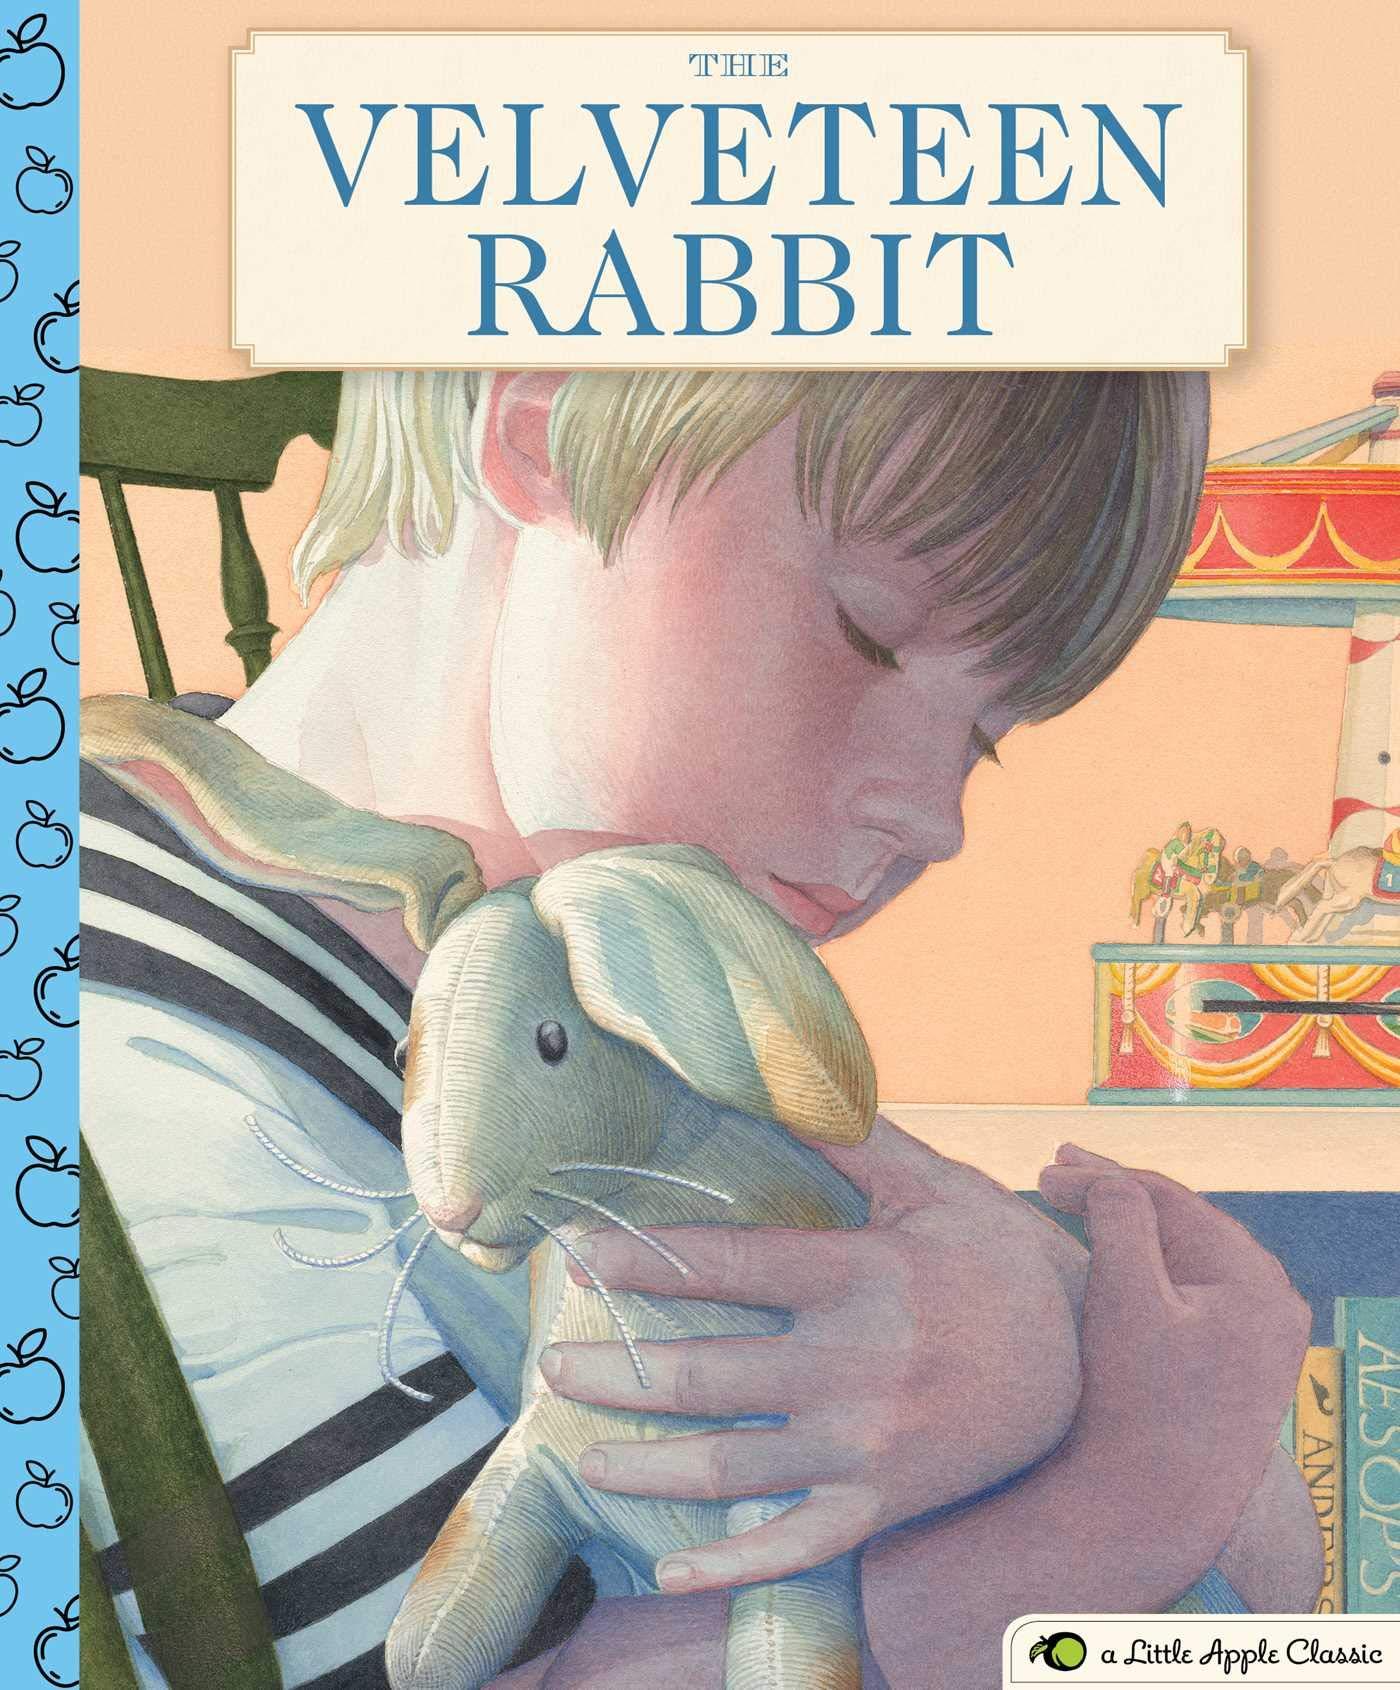 Velveteen Rabbit/'s Great Grandson